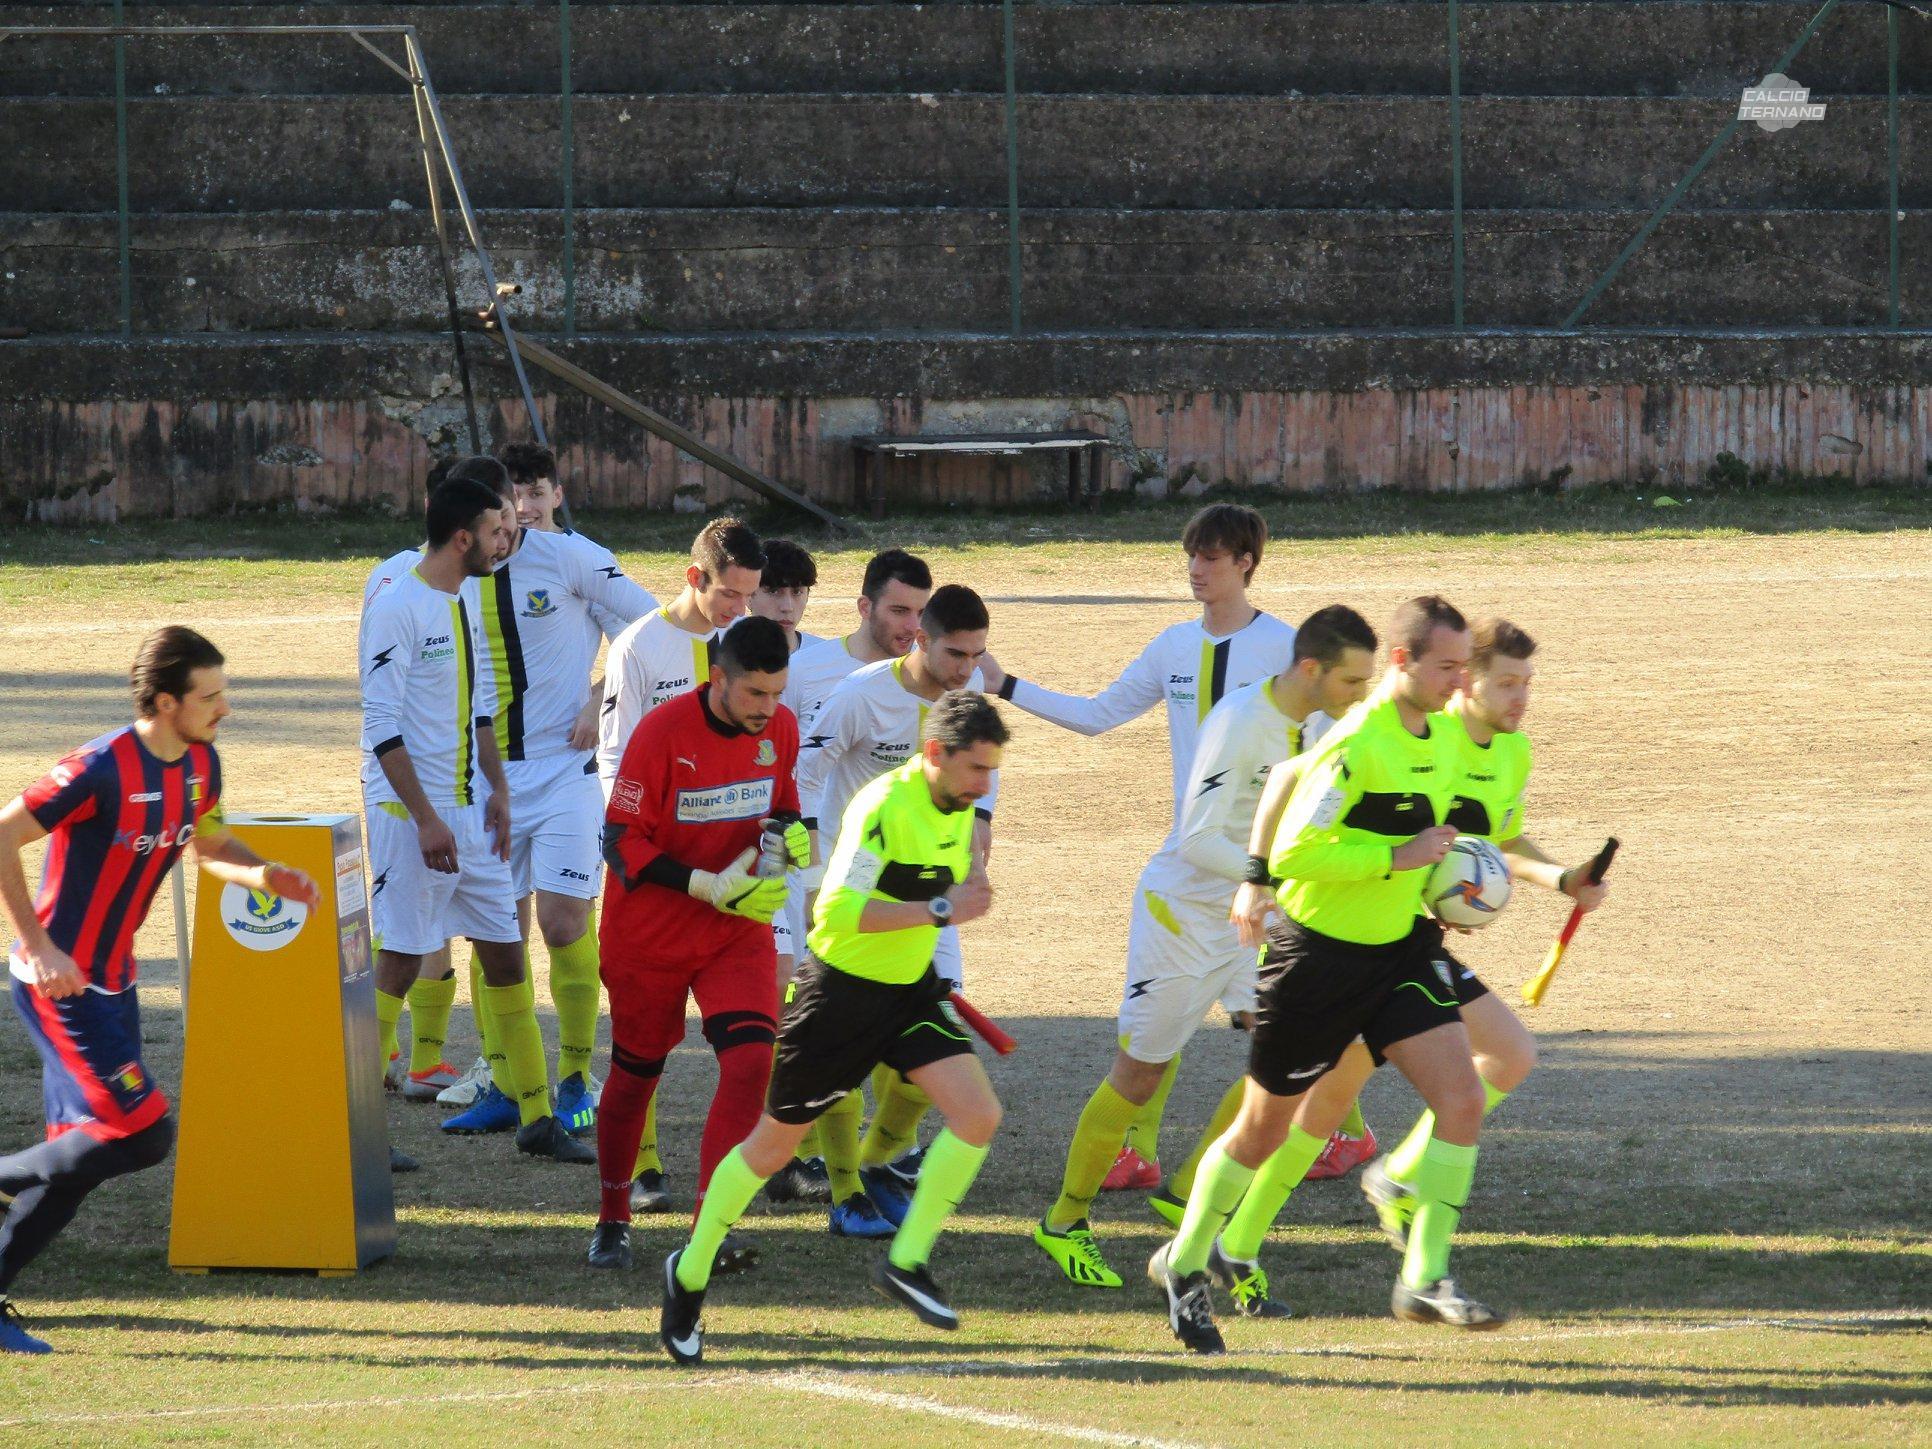 Calendario Lega Pro Girone B Orari.Promozione Girone B Il Calendario Della Stagione 2019 2020